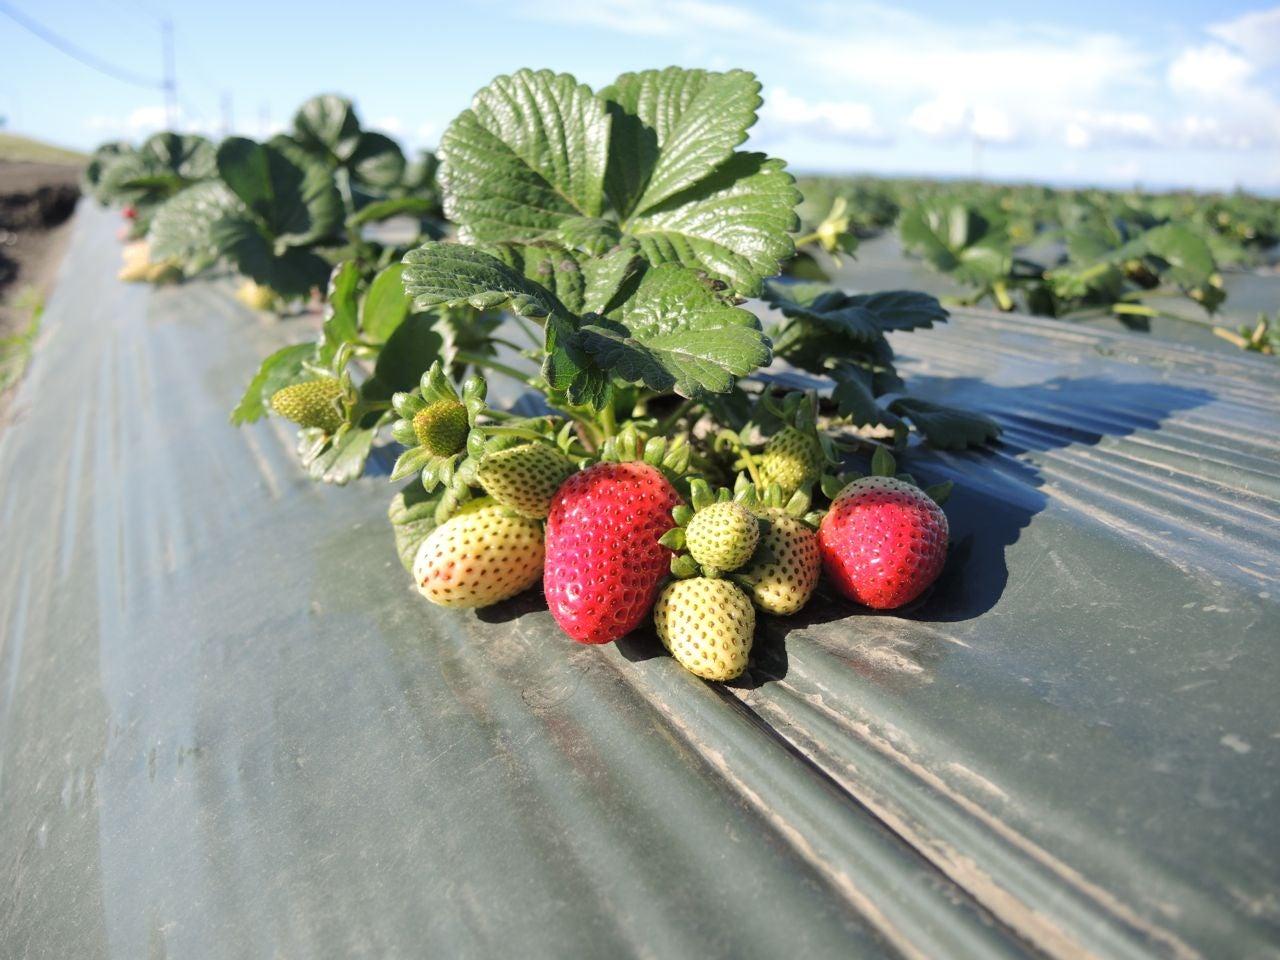 Strawberries-CastrovilleCA-March2015